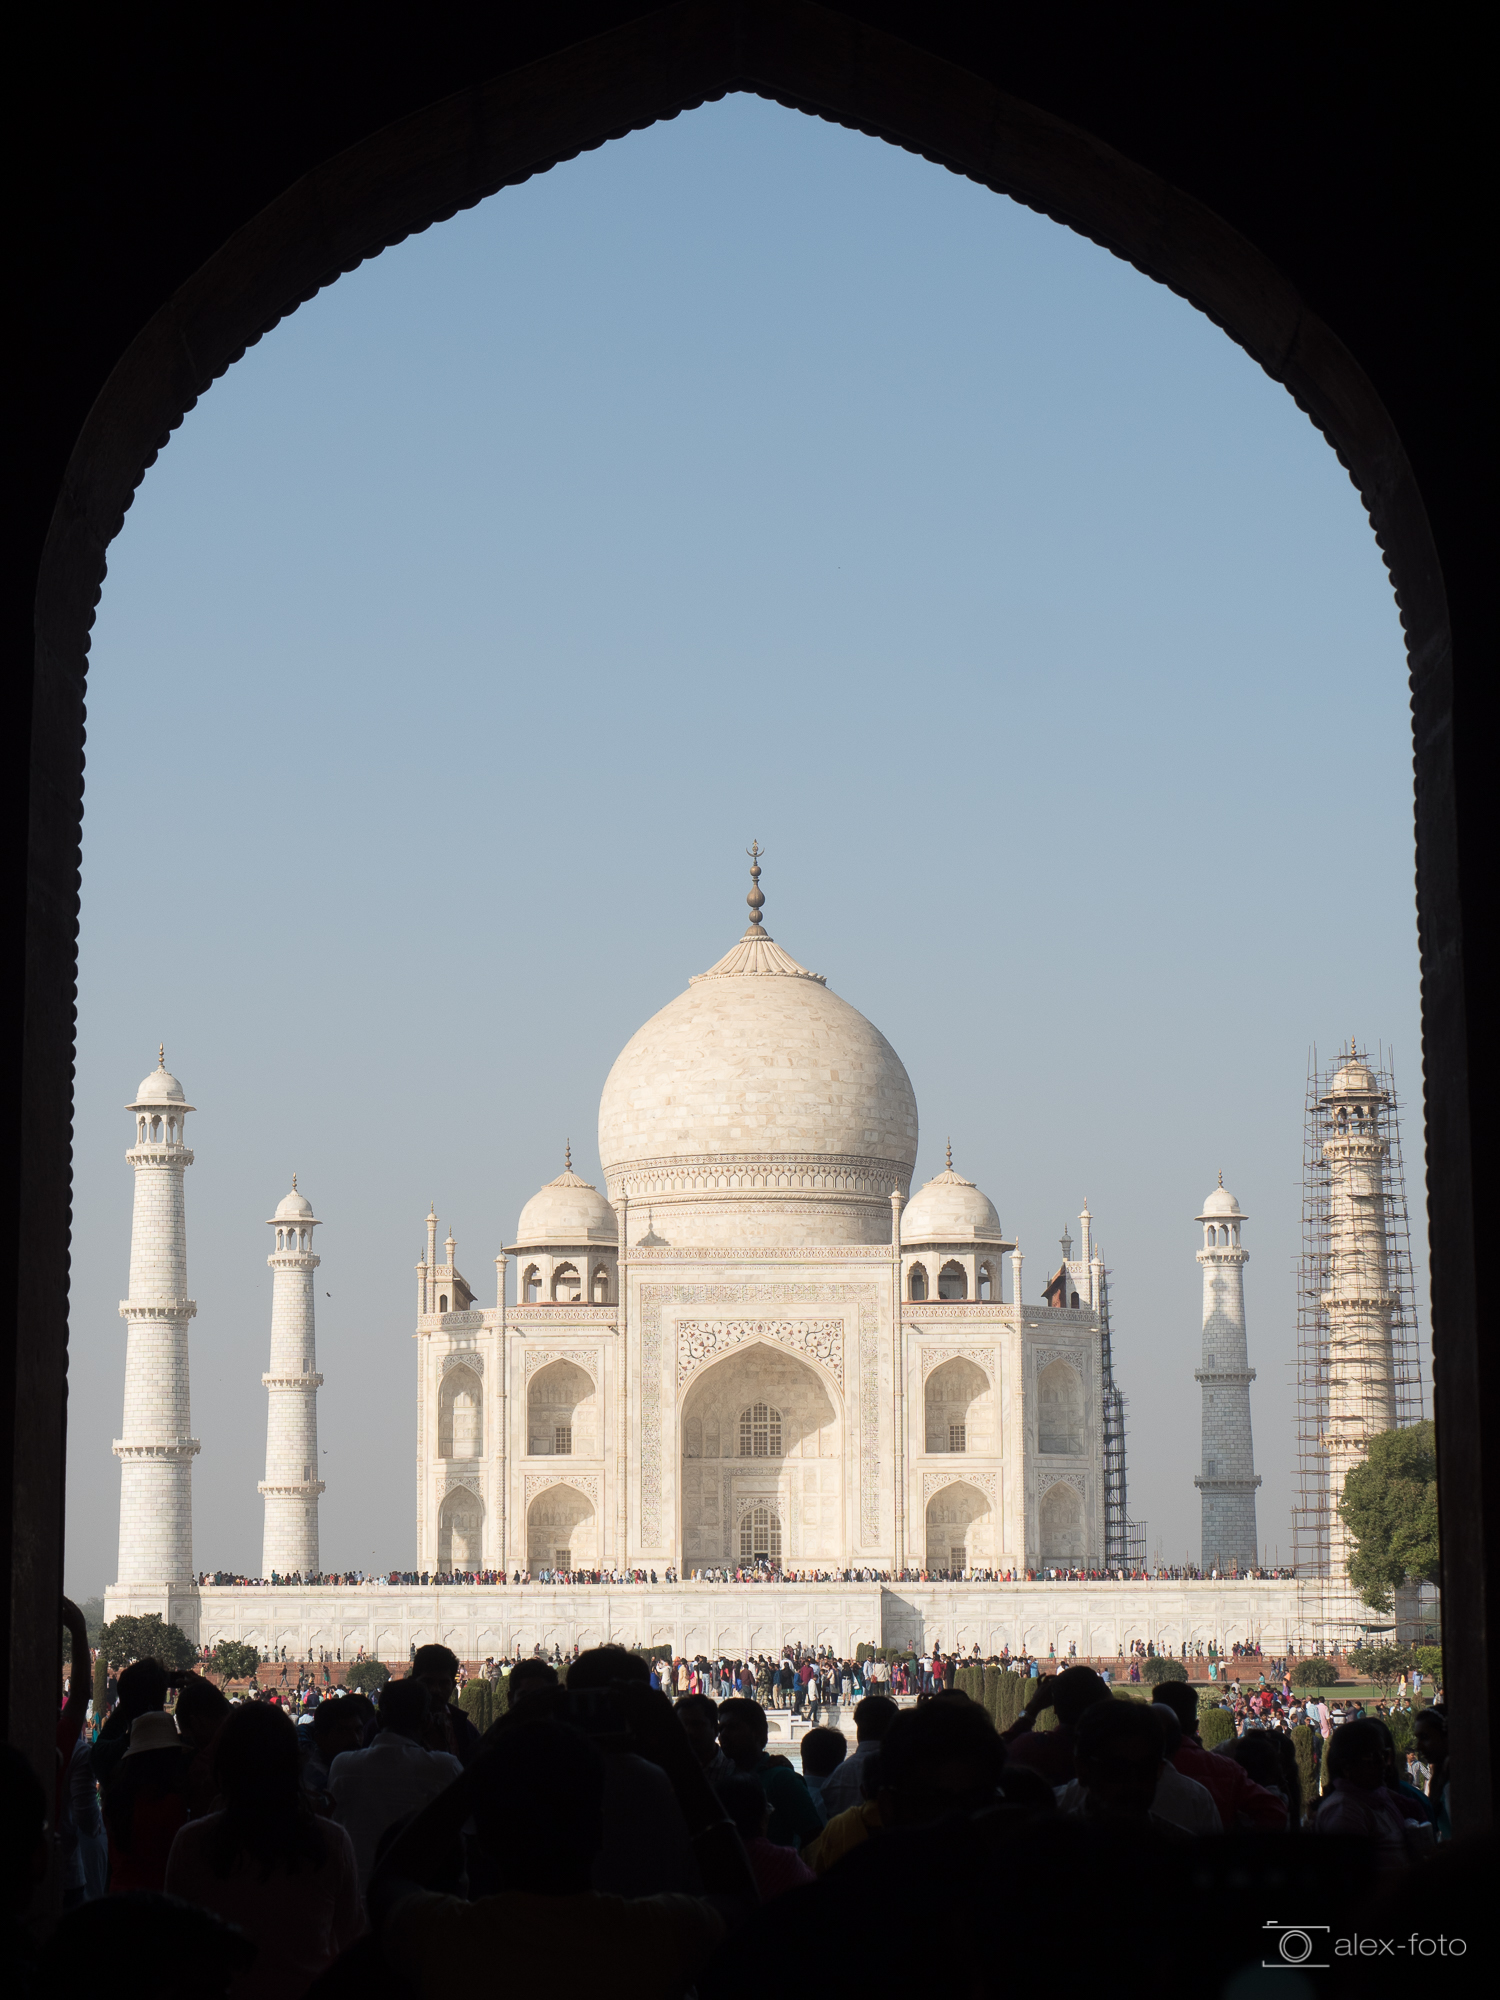 Lichtwert-BestOf_ThomasAlex_025_Agra - Taj Mahal.jpg